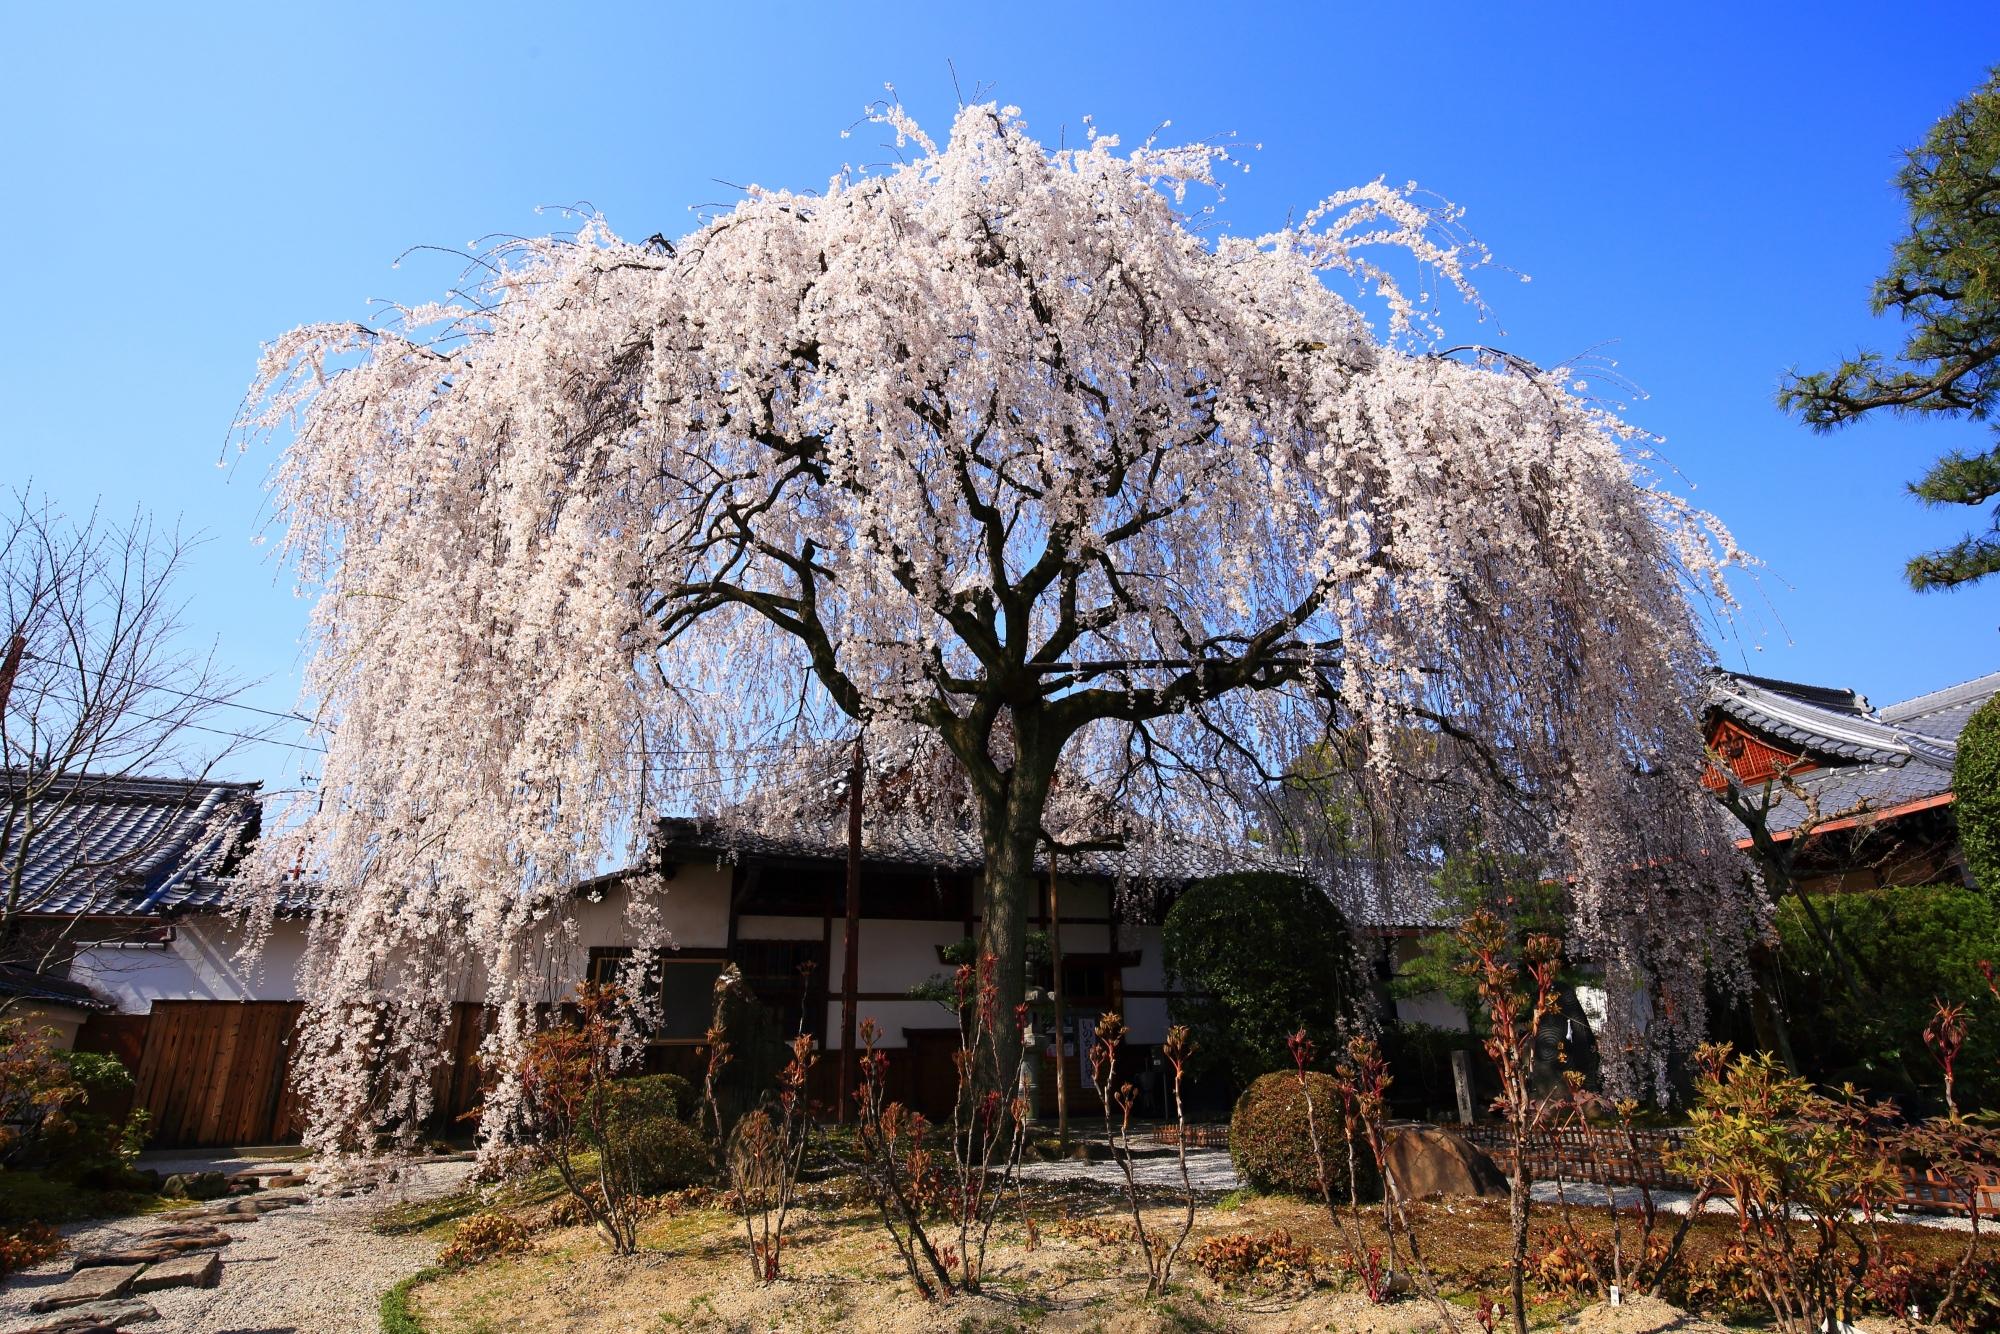 本満寺の美しすぎる円形のしだれ桜